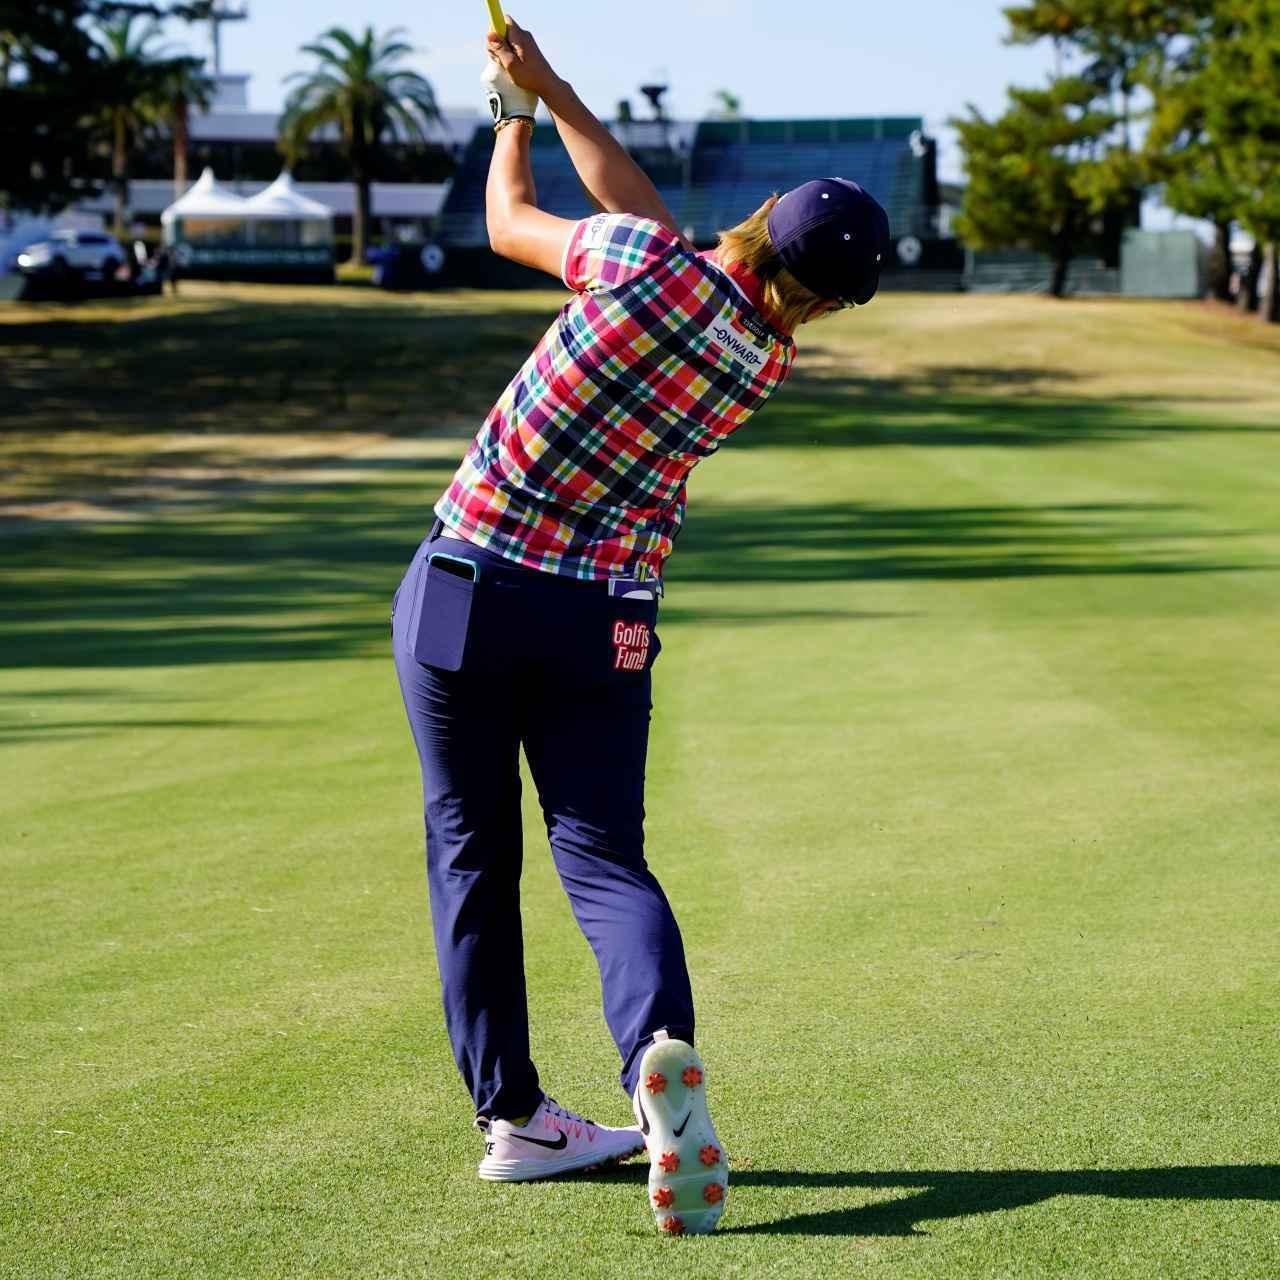 画像13: 【成田美寿々】クラブをタテに振るアイアン名手。安定度バツグンの足づかいは男子プロ並み!